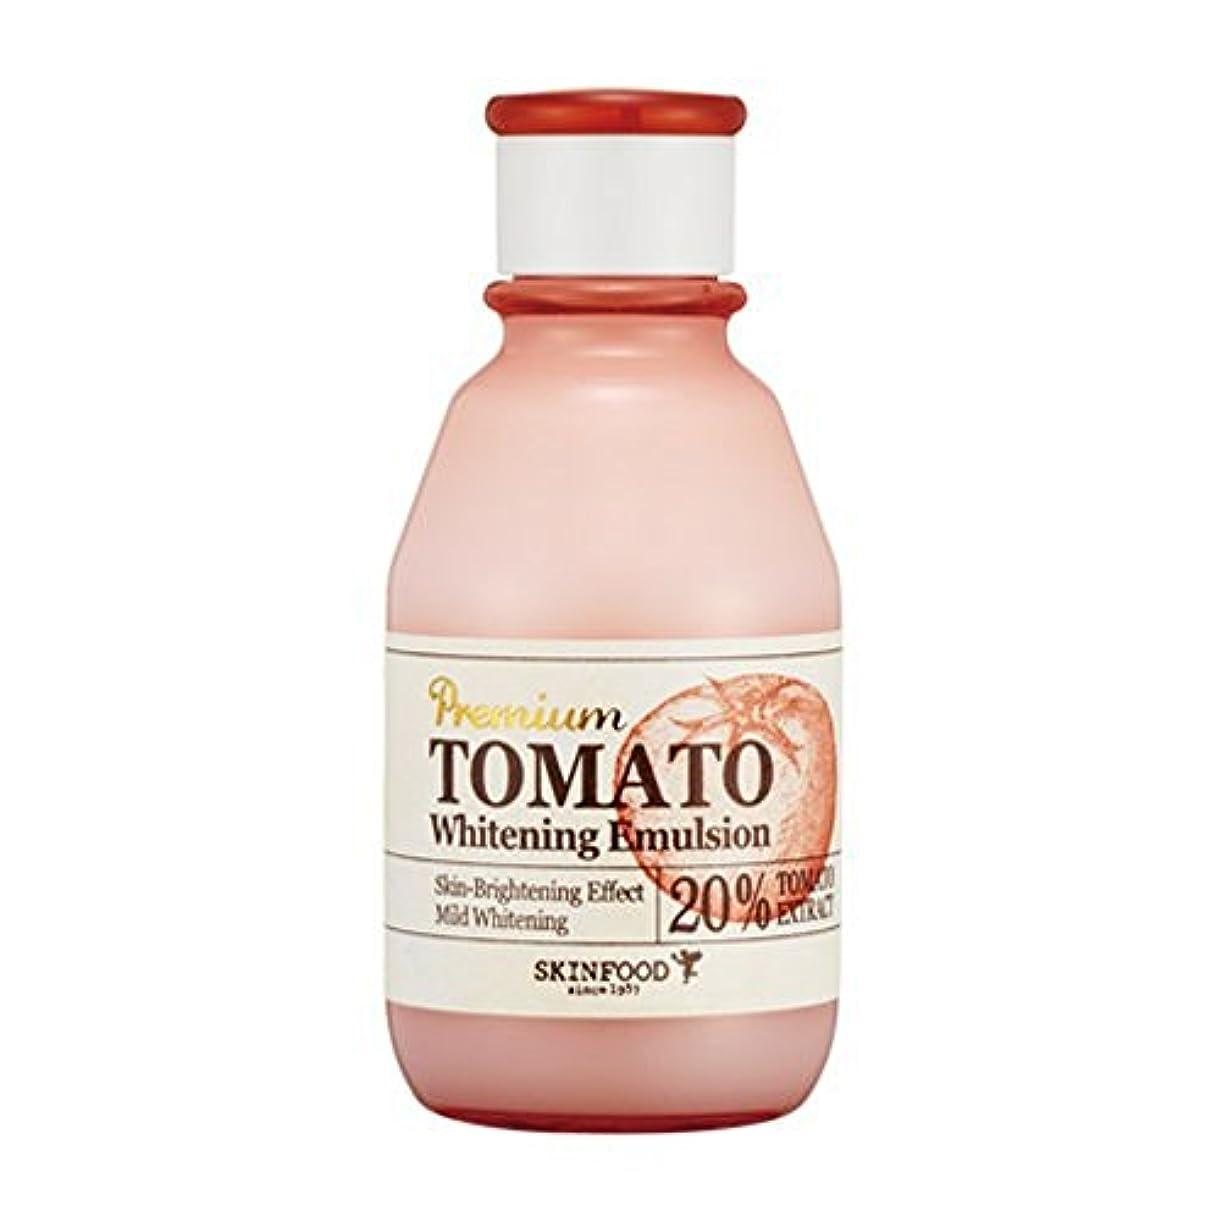 からに変化するチャールズキージングペネロペSKINFOOD スキンフード トマト?ホワイトニング?乳液?エマルジョン 140ml (Premium Tomato Whitening Emulsion) 海外直送品